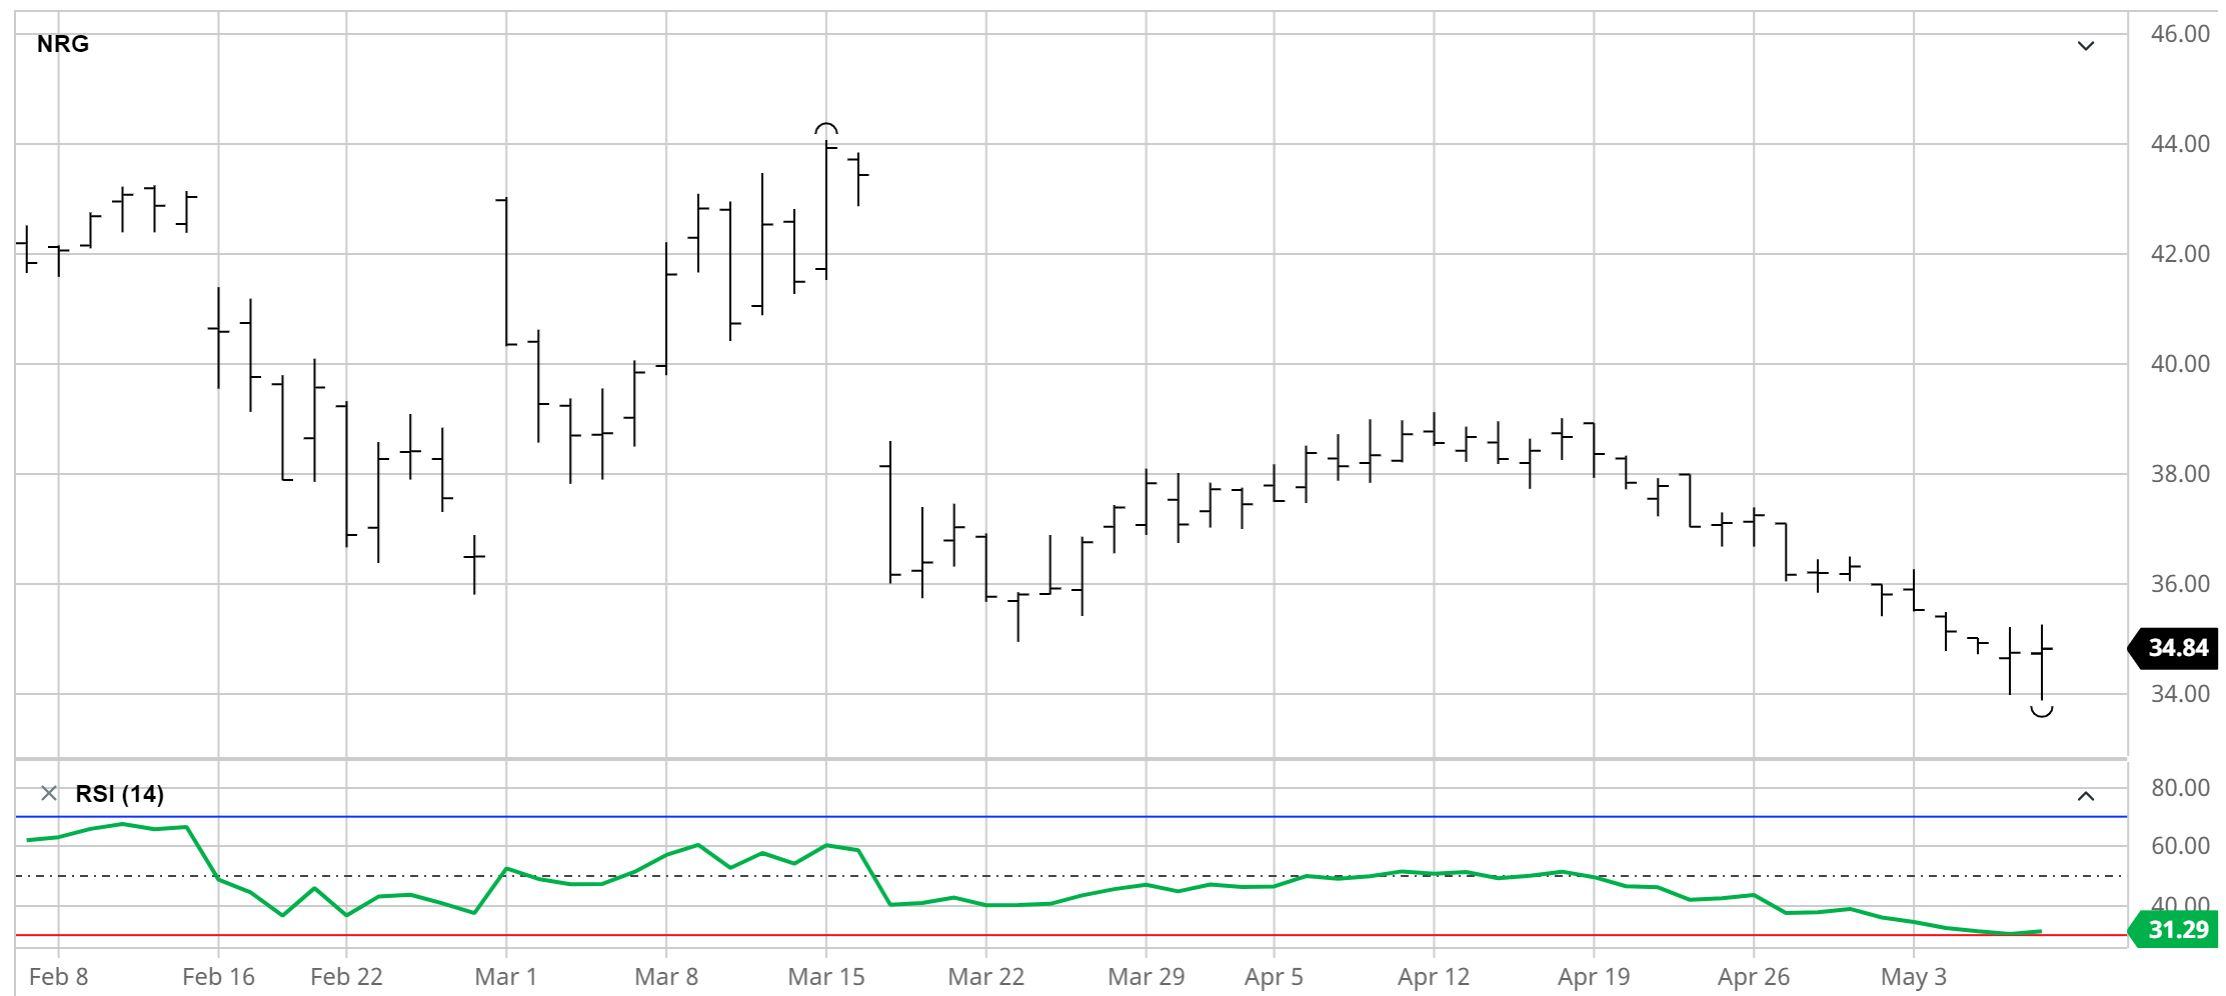 NRG Price Chart